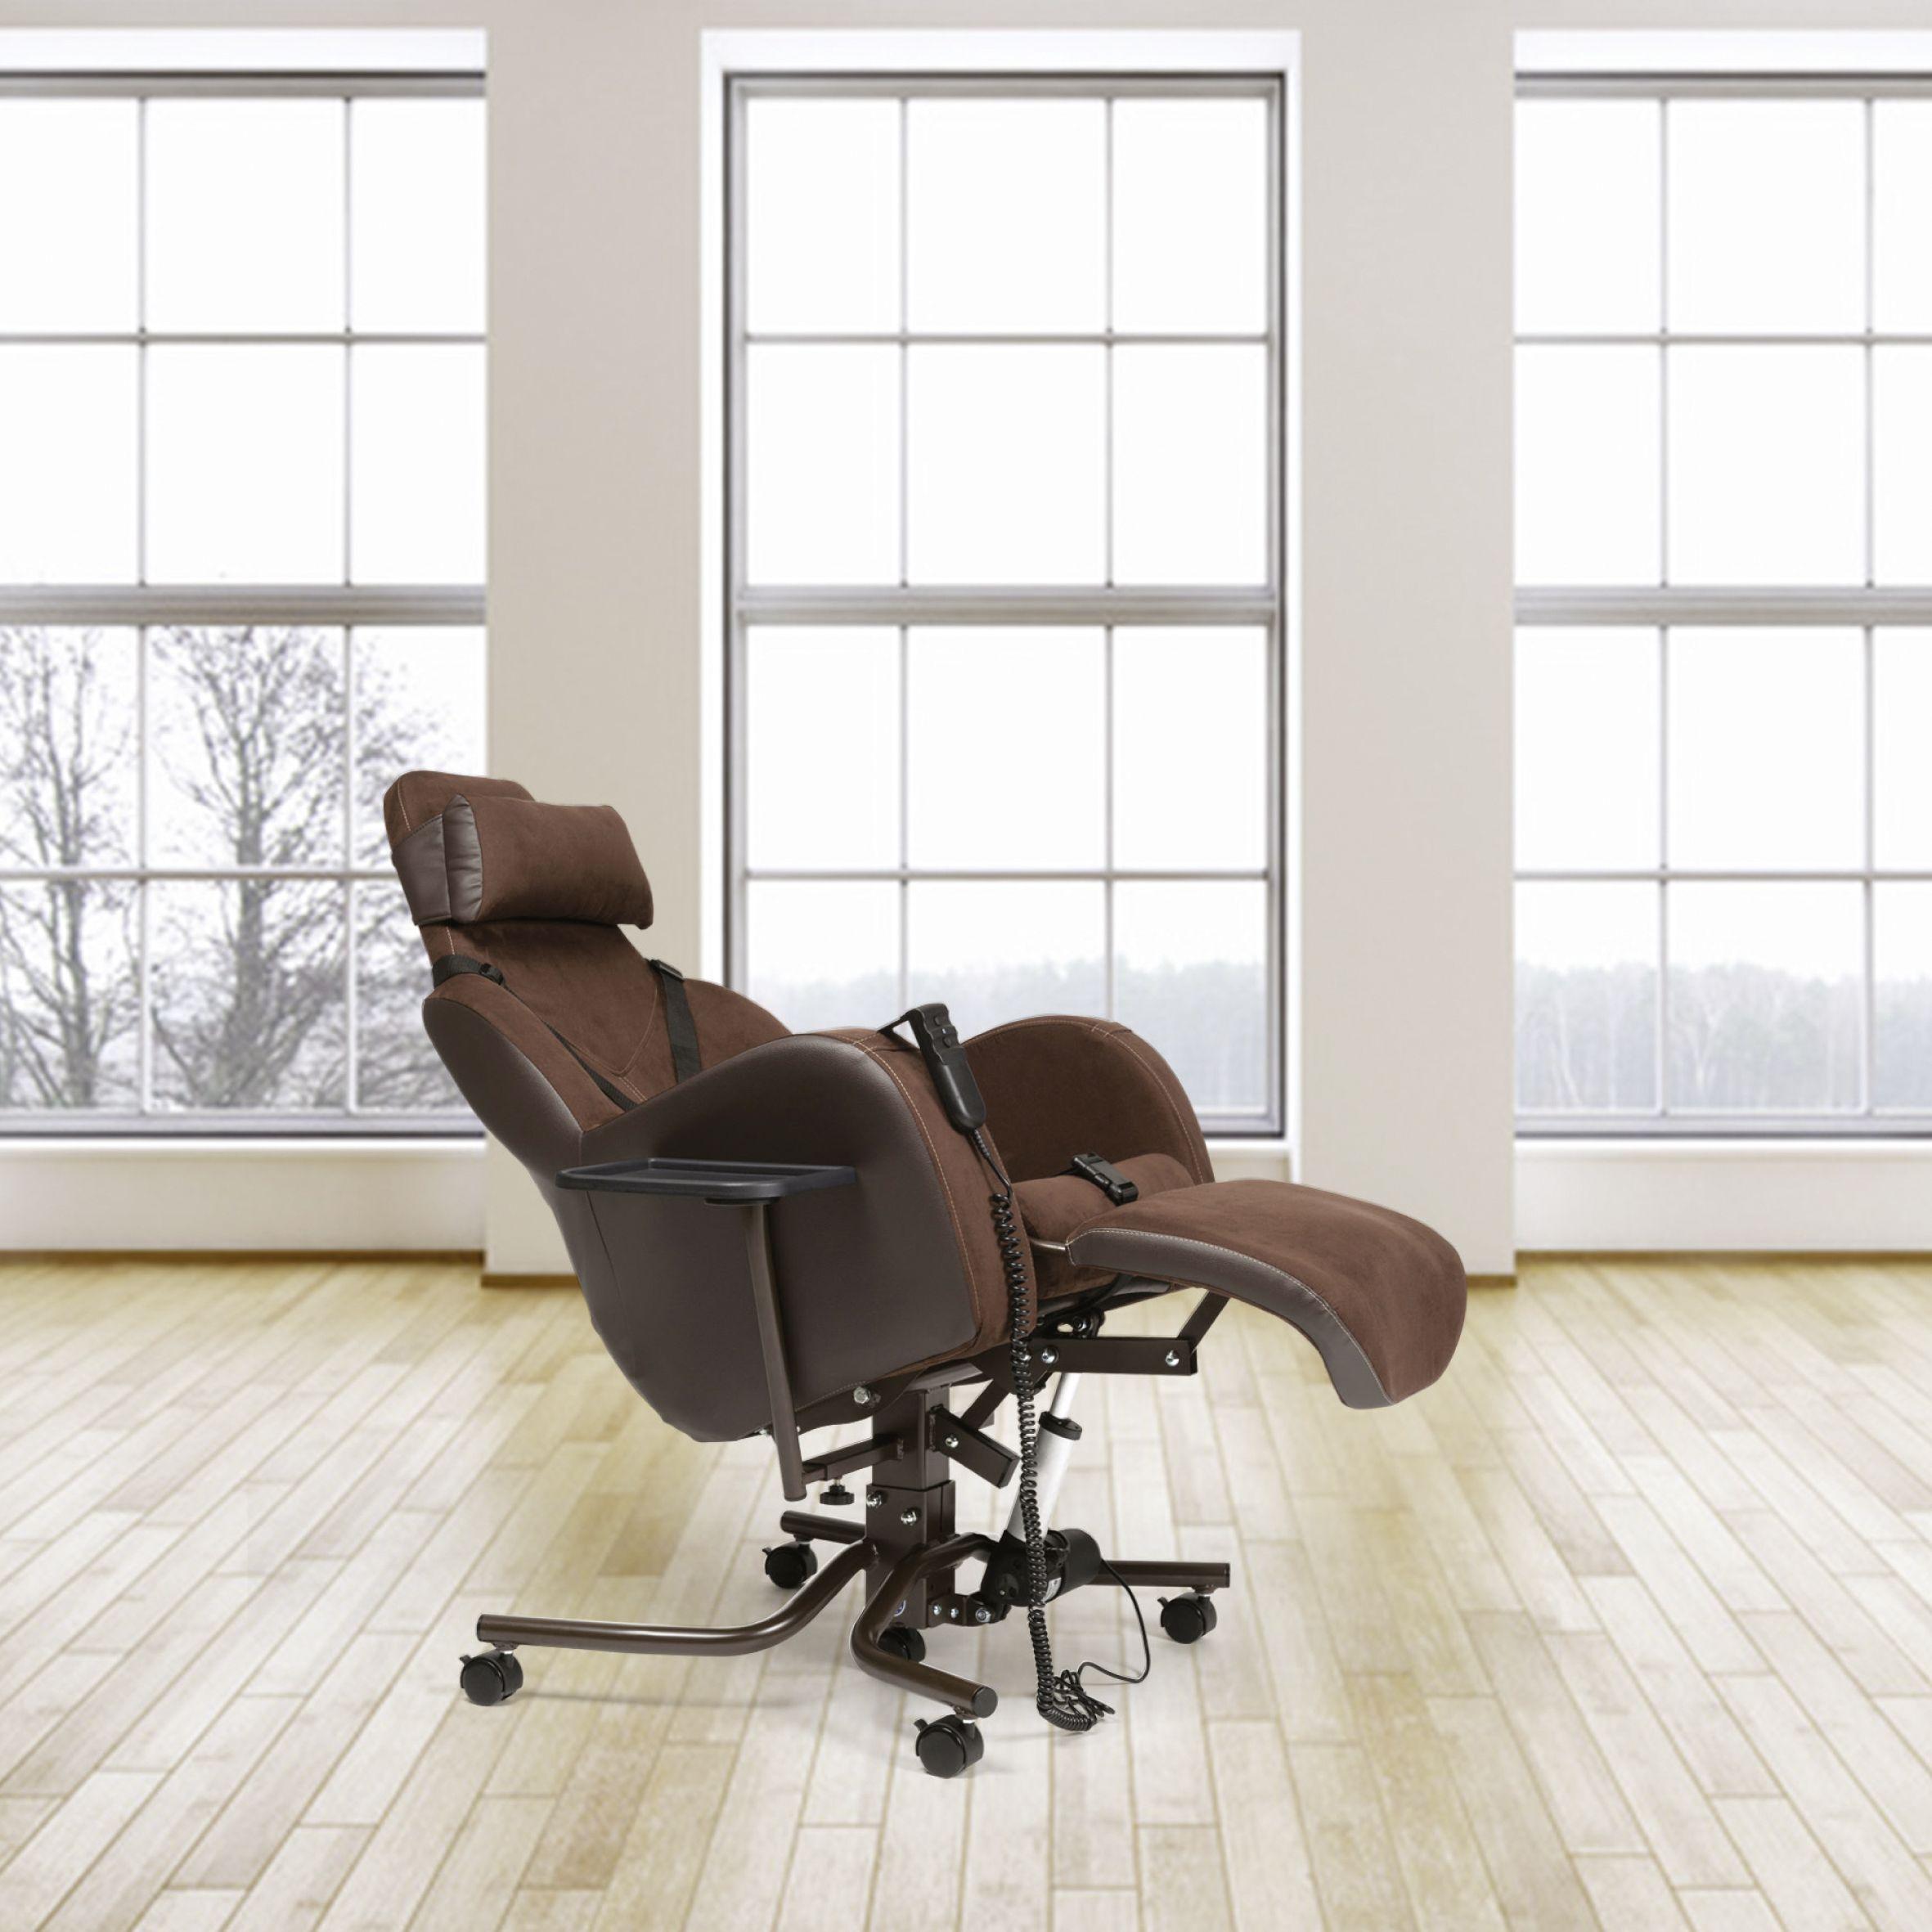 Le fauteuil coquille, soutien efficace pour personnes affaiblies